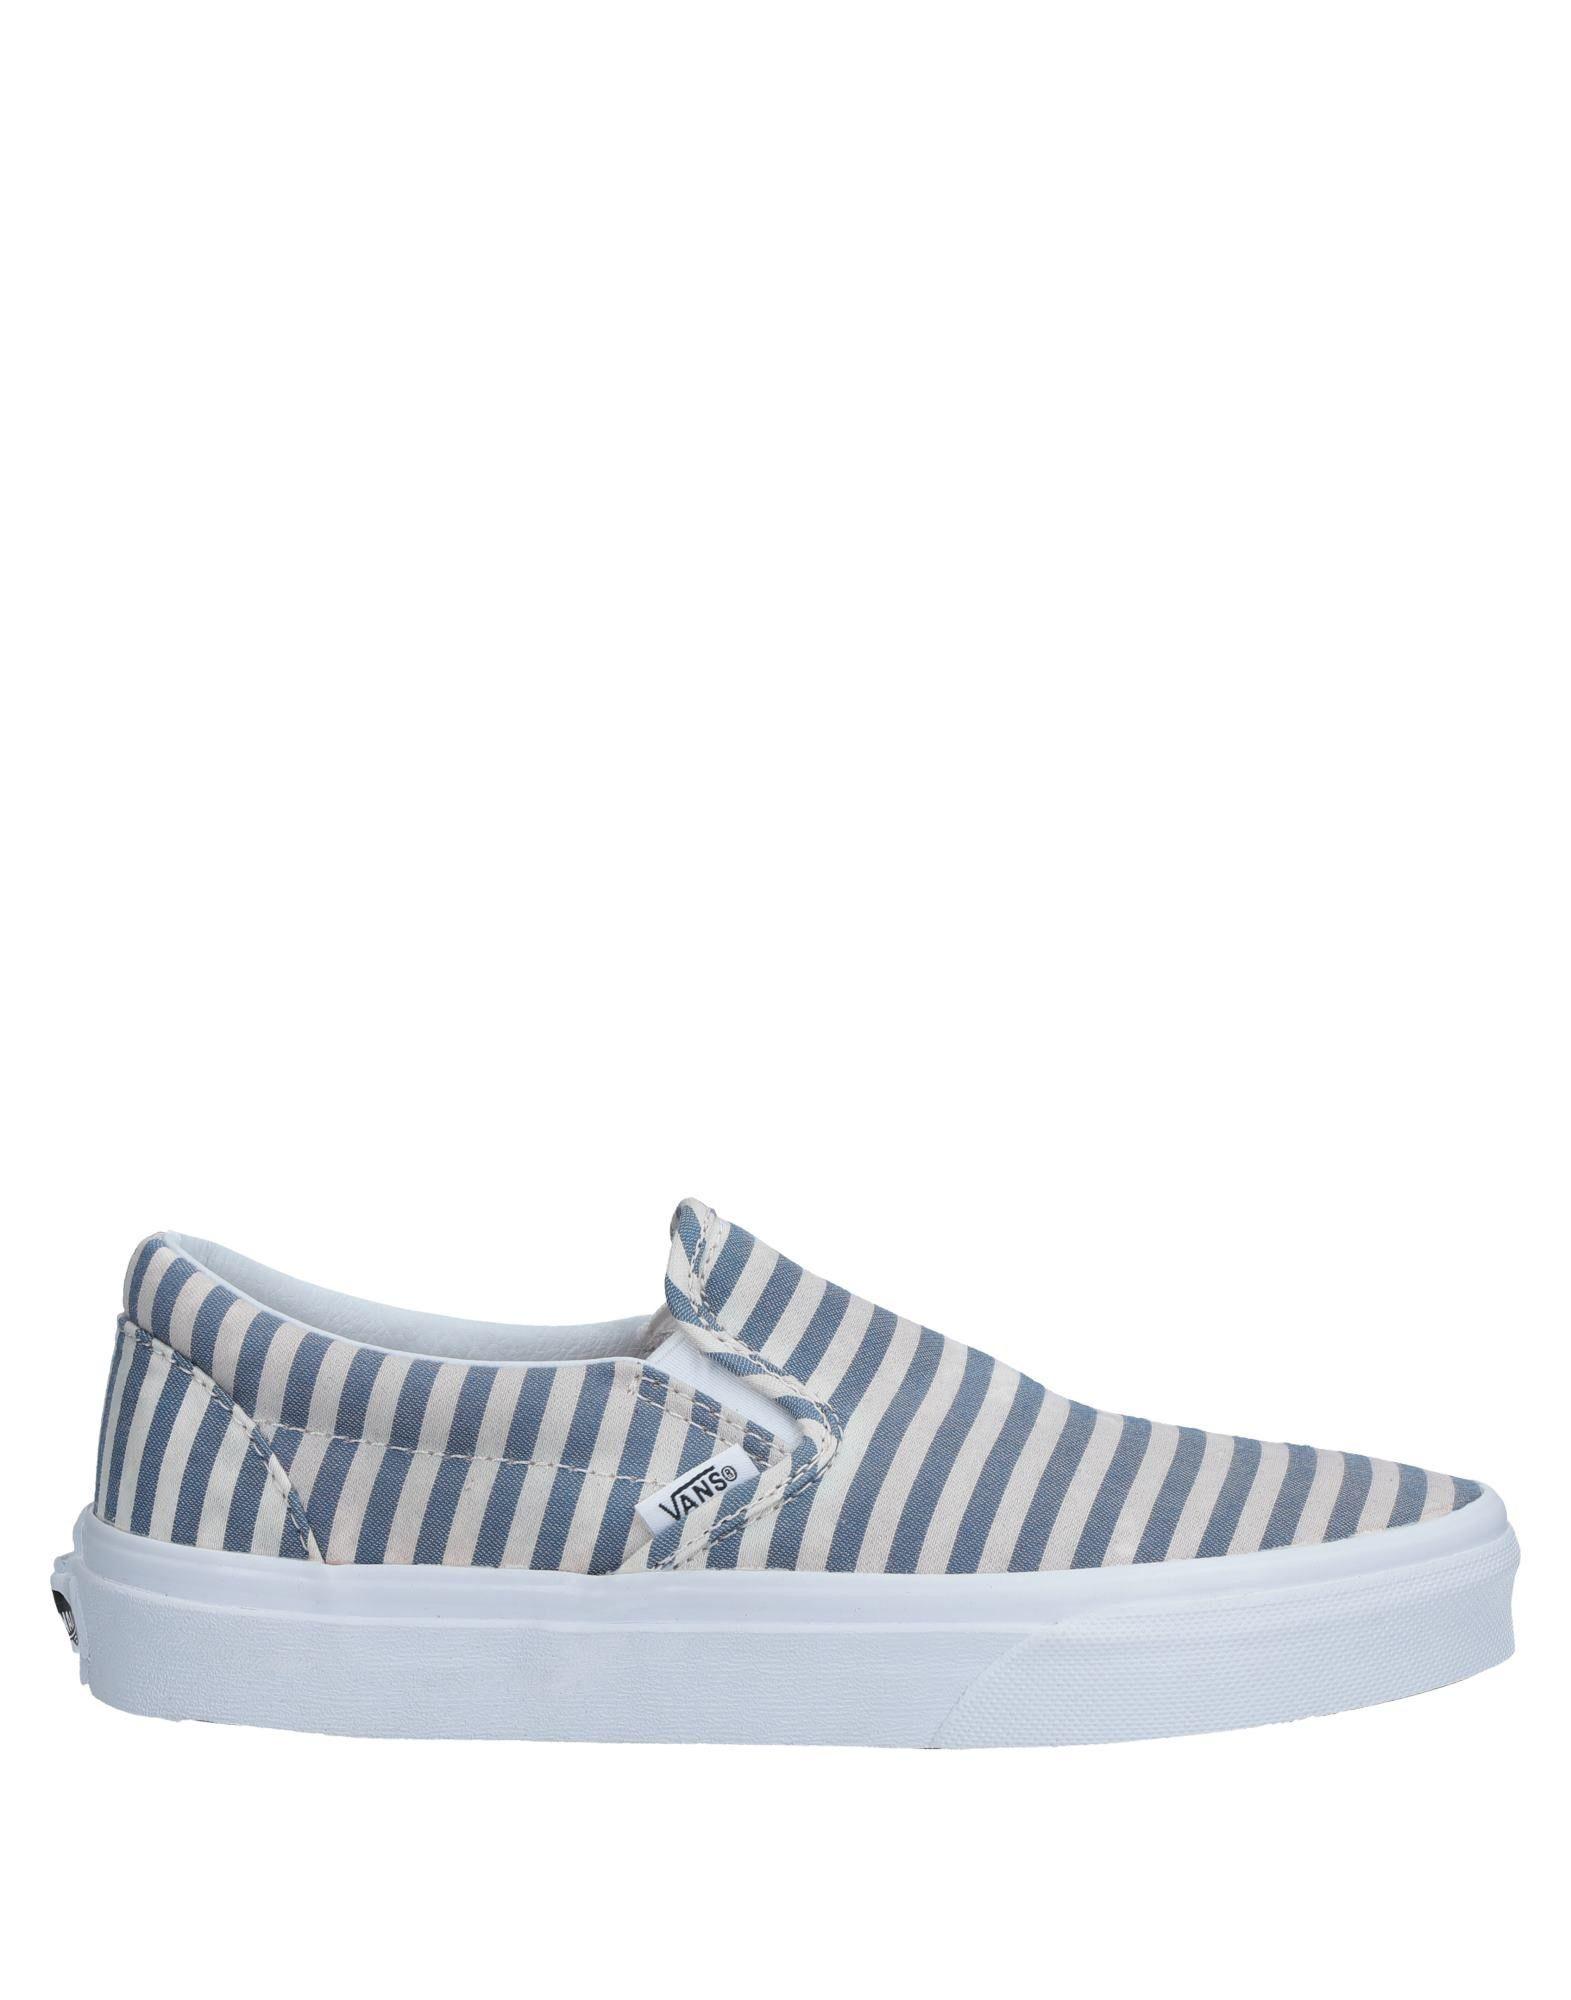 Moda Sneakers Vans Donna - 11538176FS